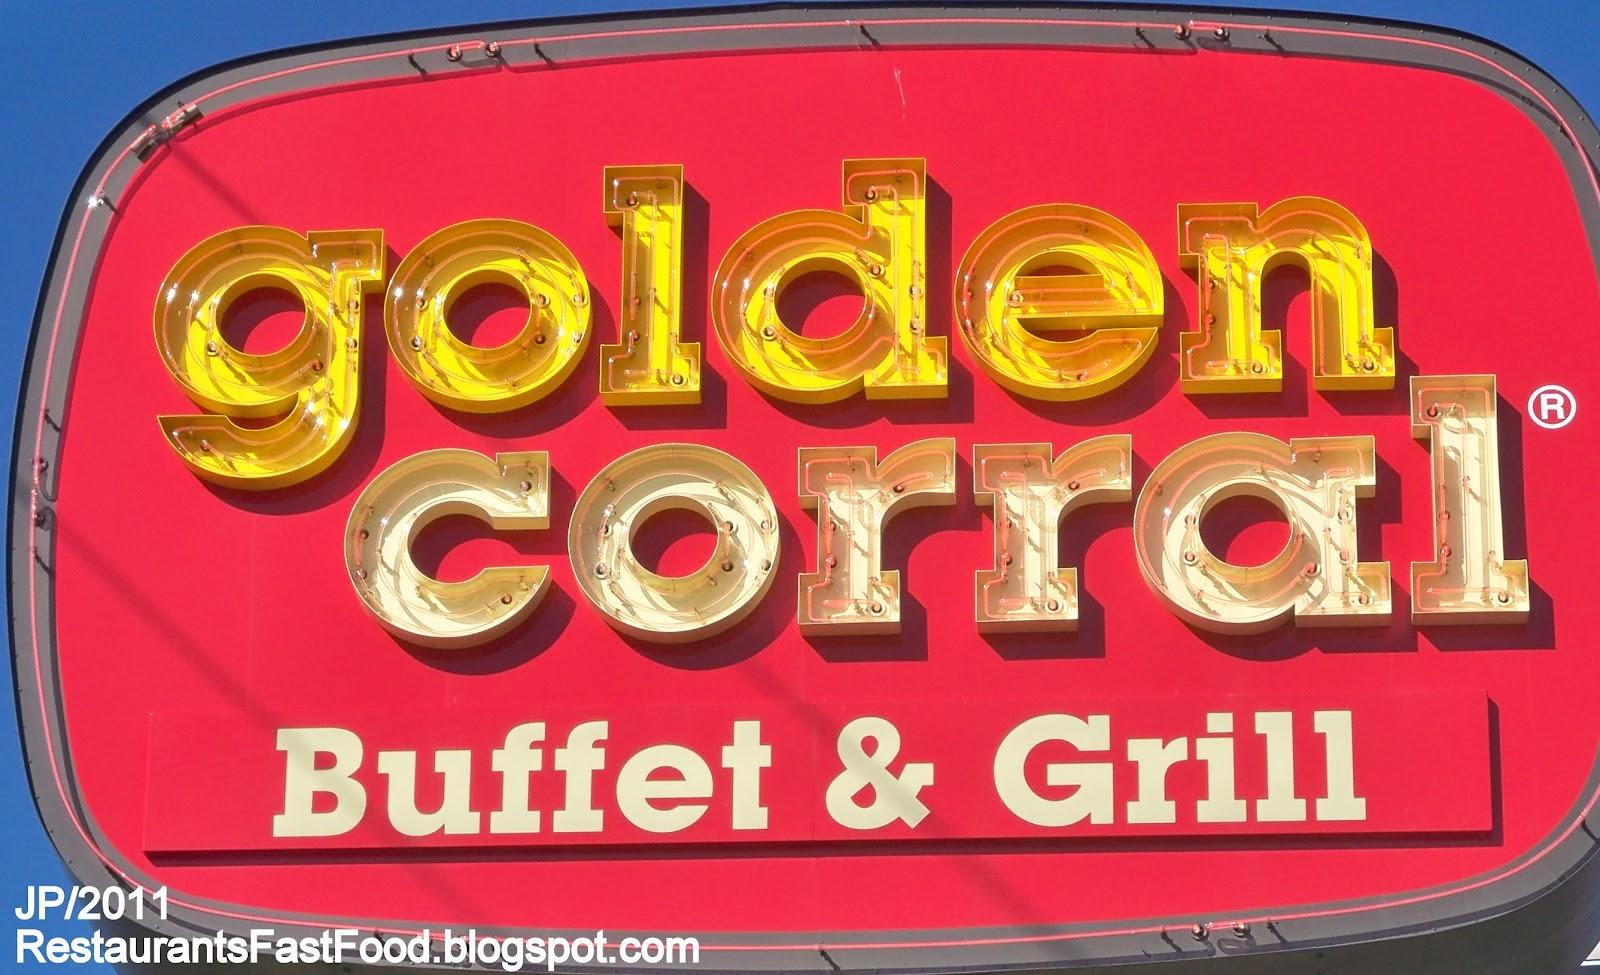 http://www.southwesttimes.com/wp-content/uploads/2015/01/Golden-Corral-sign.jpg|http://2.bp.blogspot.com/-R50d513J8Ms/UwOb-G1_6EI/AAAAAAAGg6A/s7SG0121UpE/s1600/GOLDEN+CORRAL+Milledgeville+Georgia+Interior+Dessert+Bar,+Golden+Corral+Buffet+Grill+Restaurant+Al</body></html>